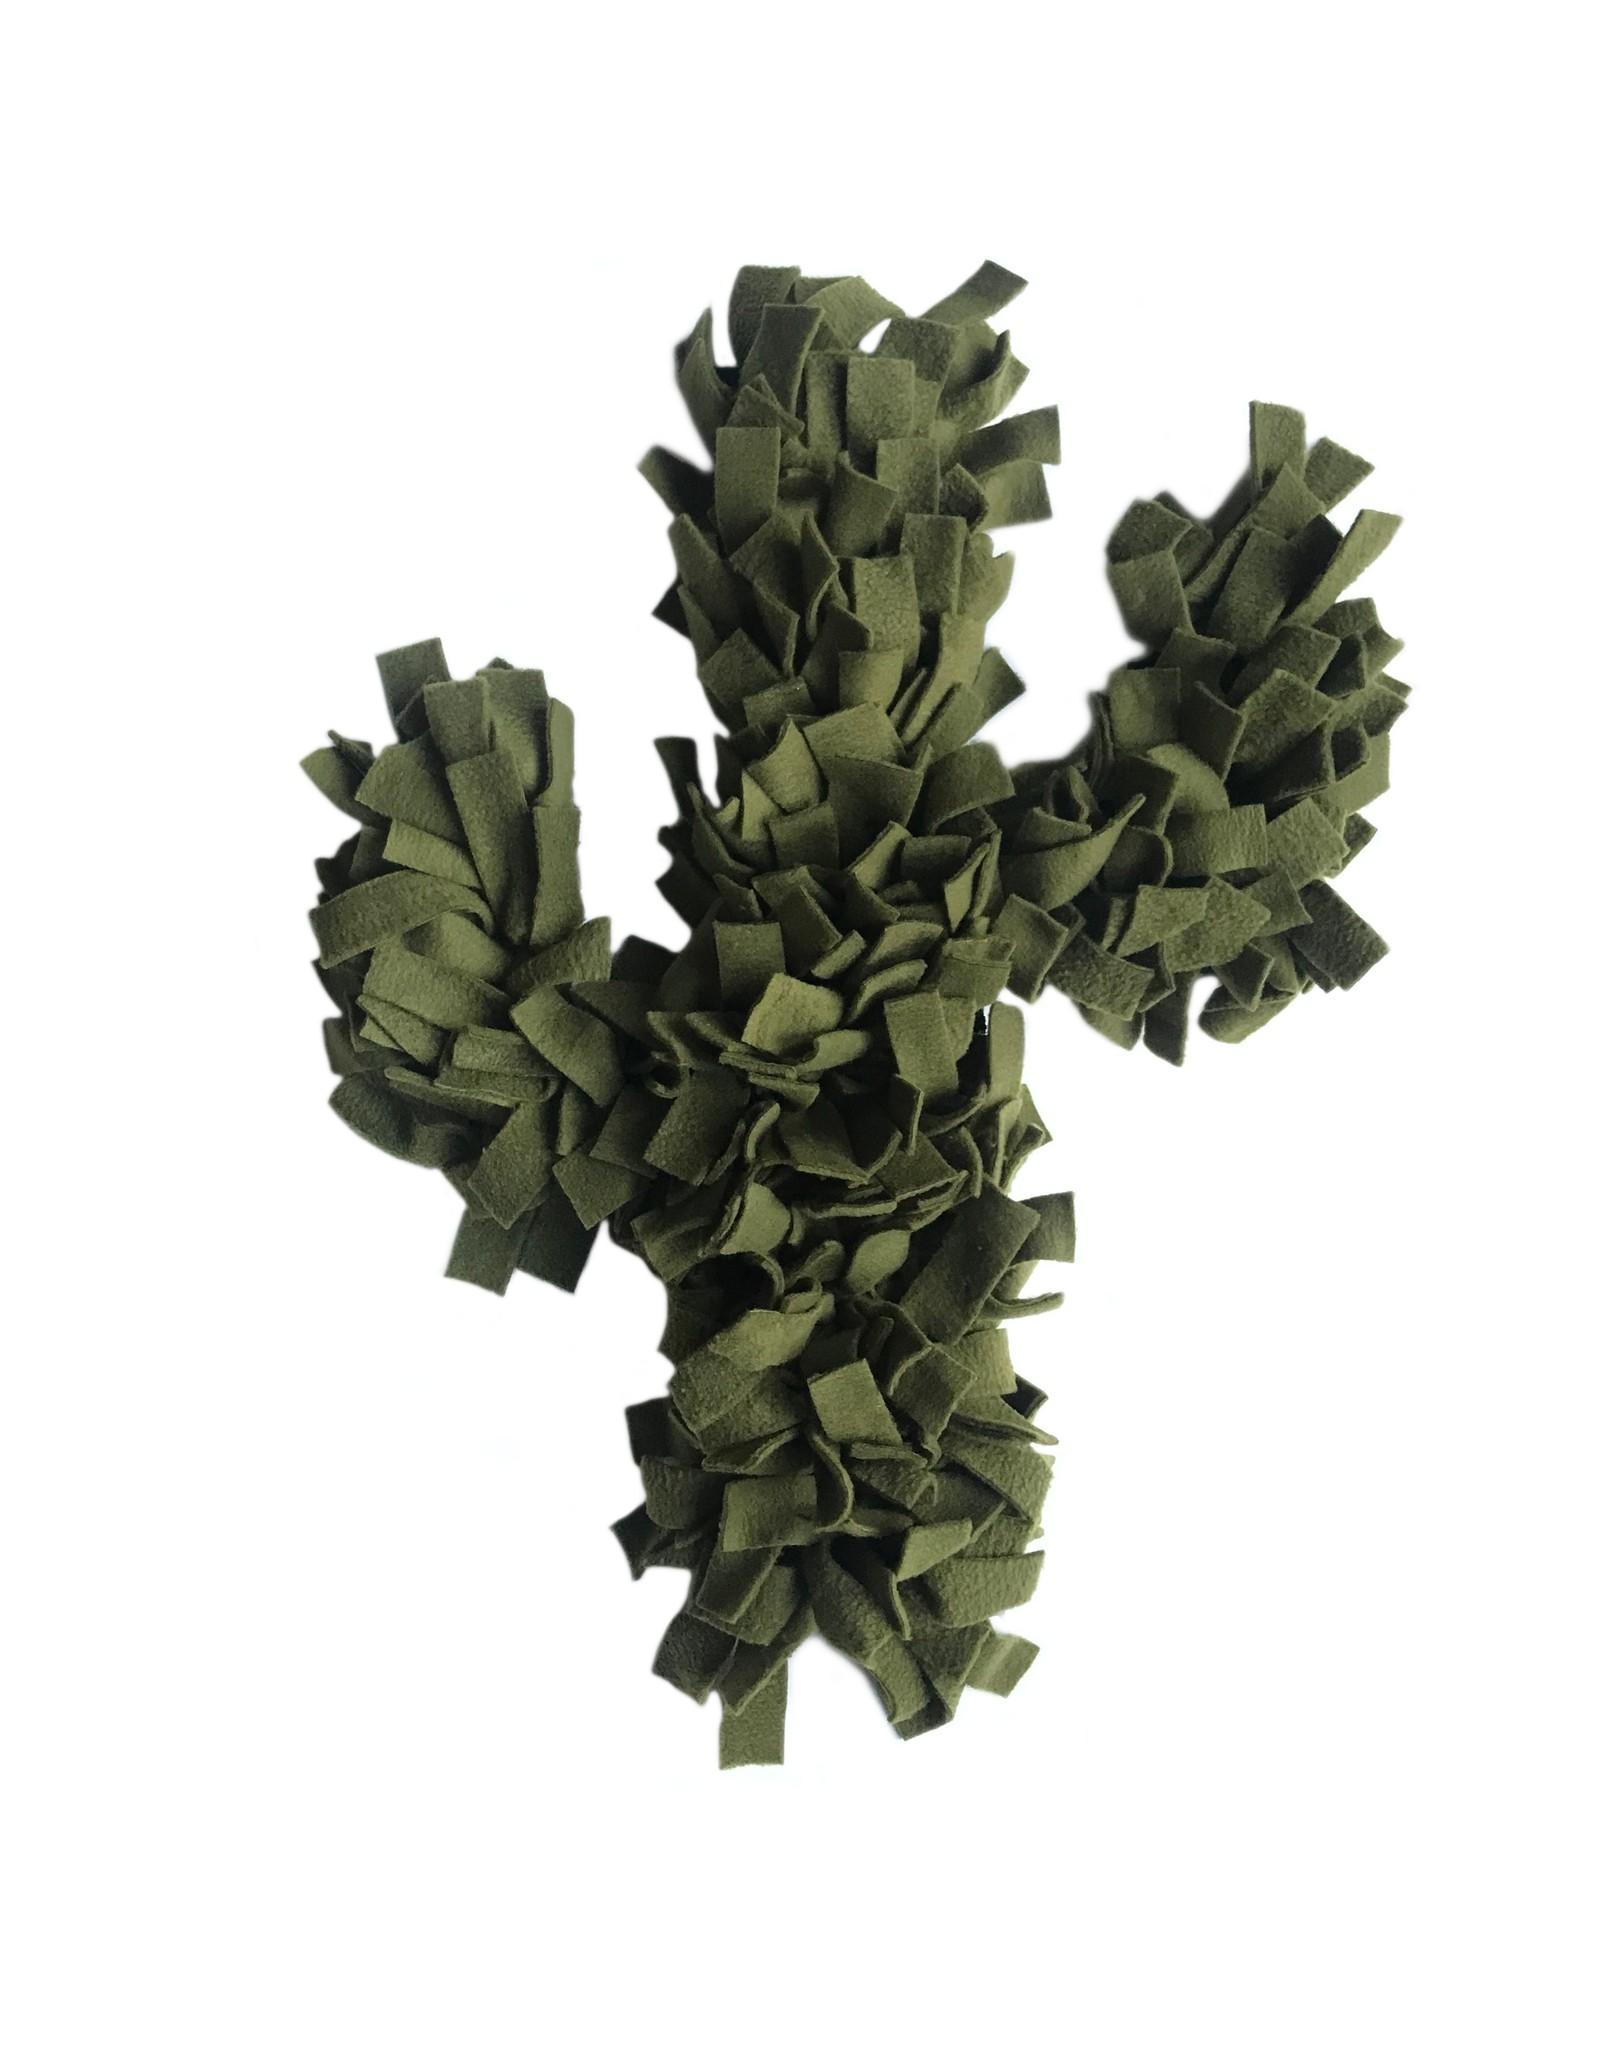 Cactus snufflemat